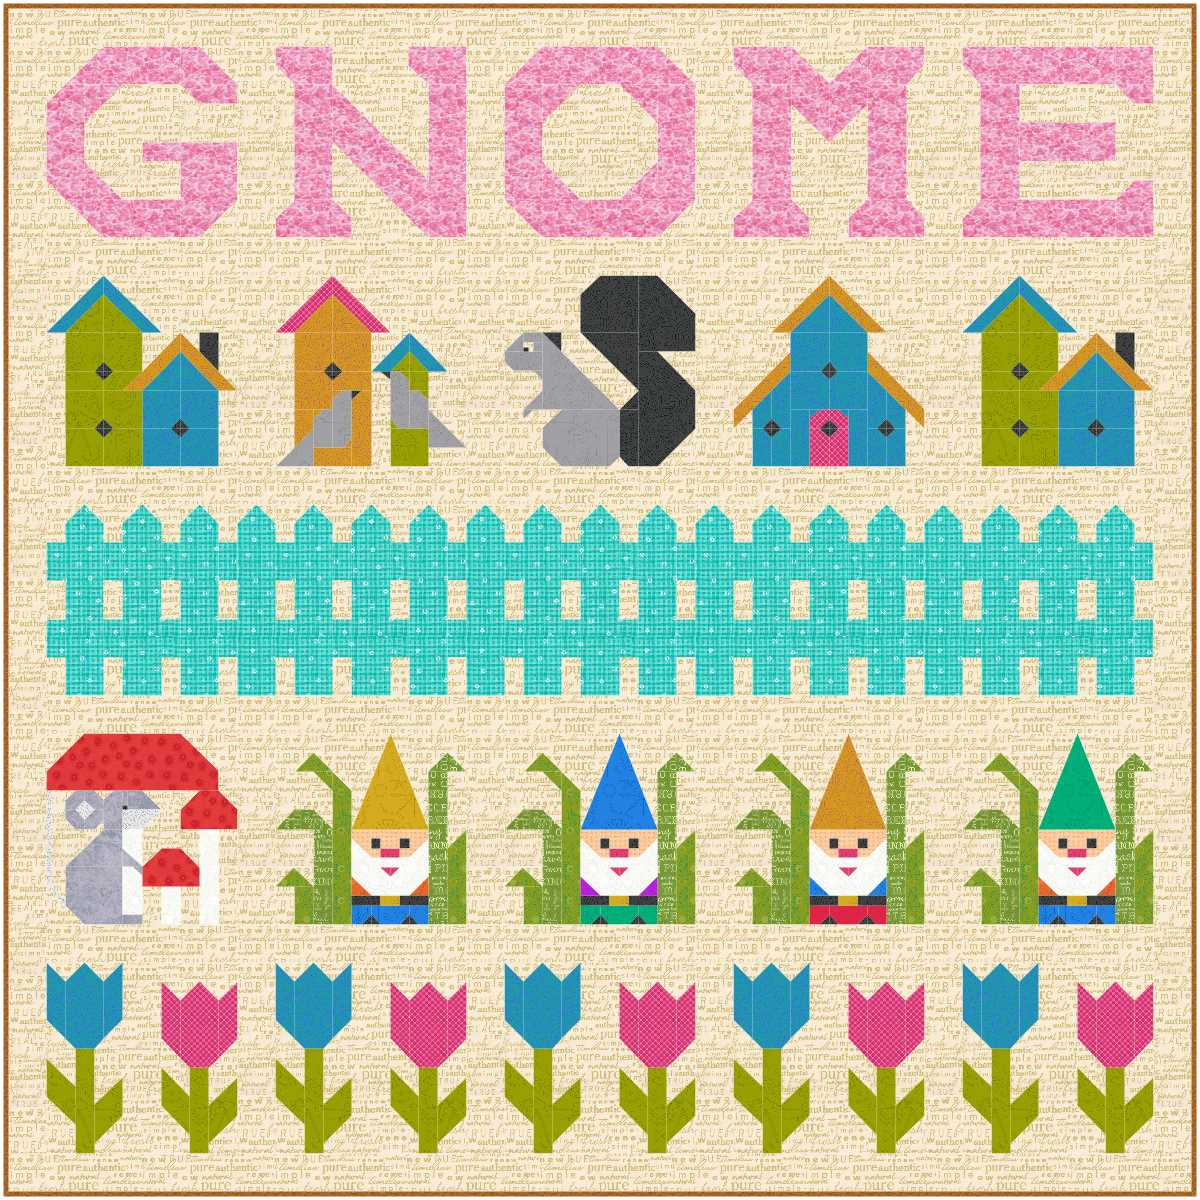 62 GNOME